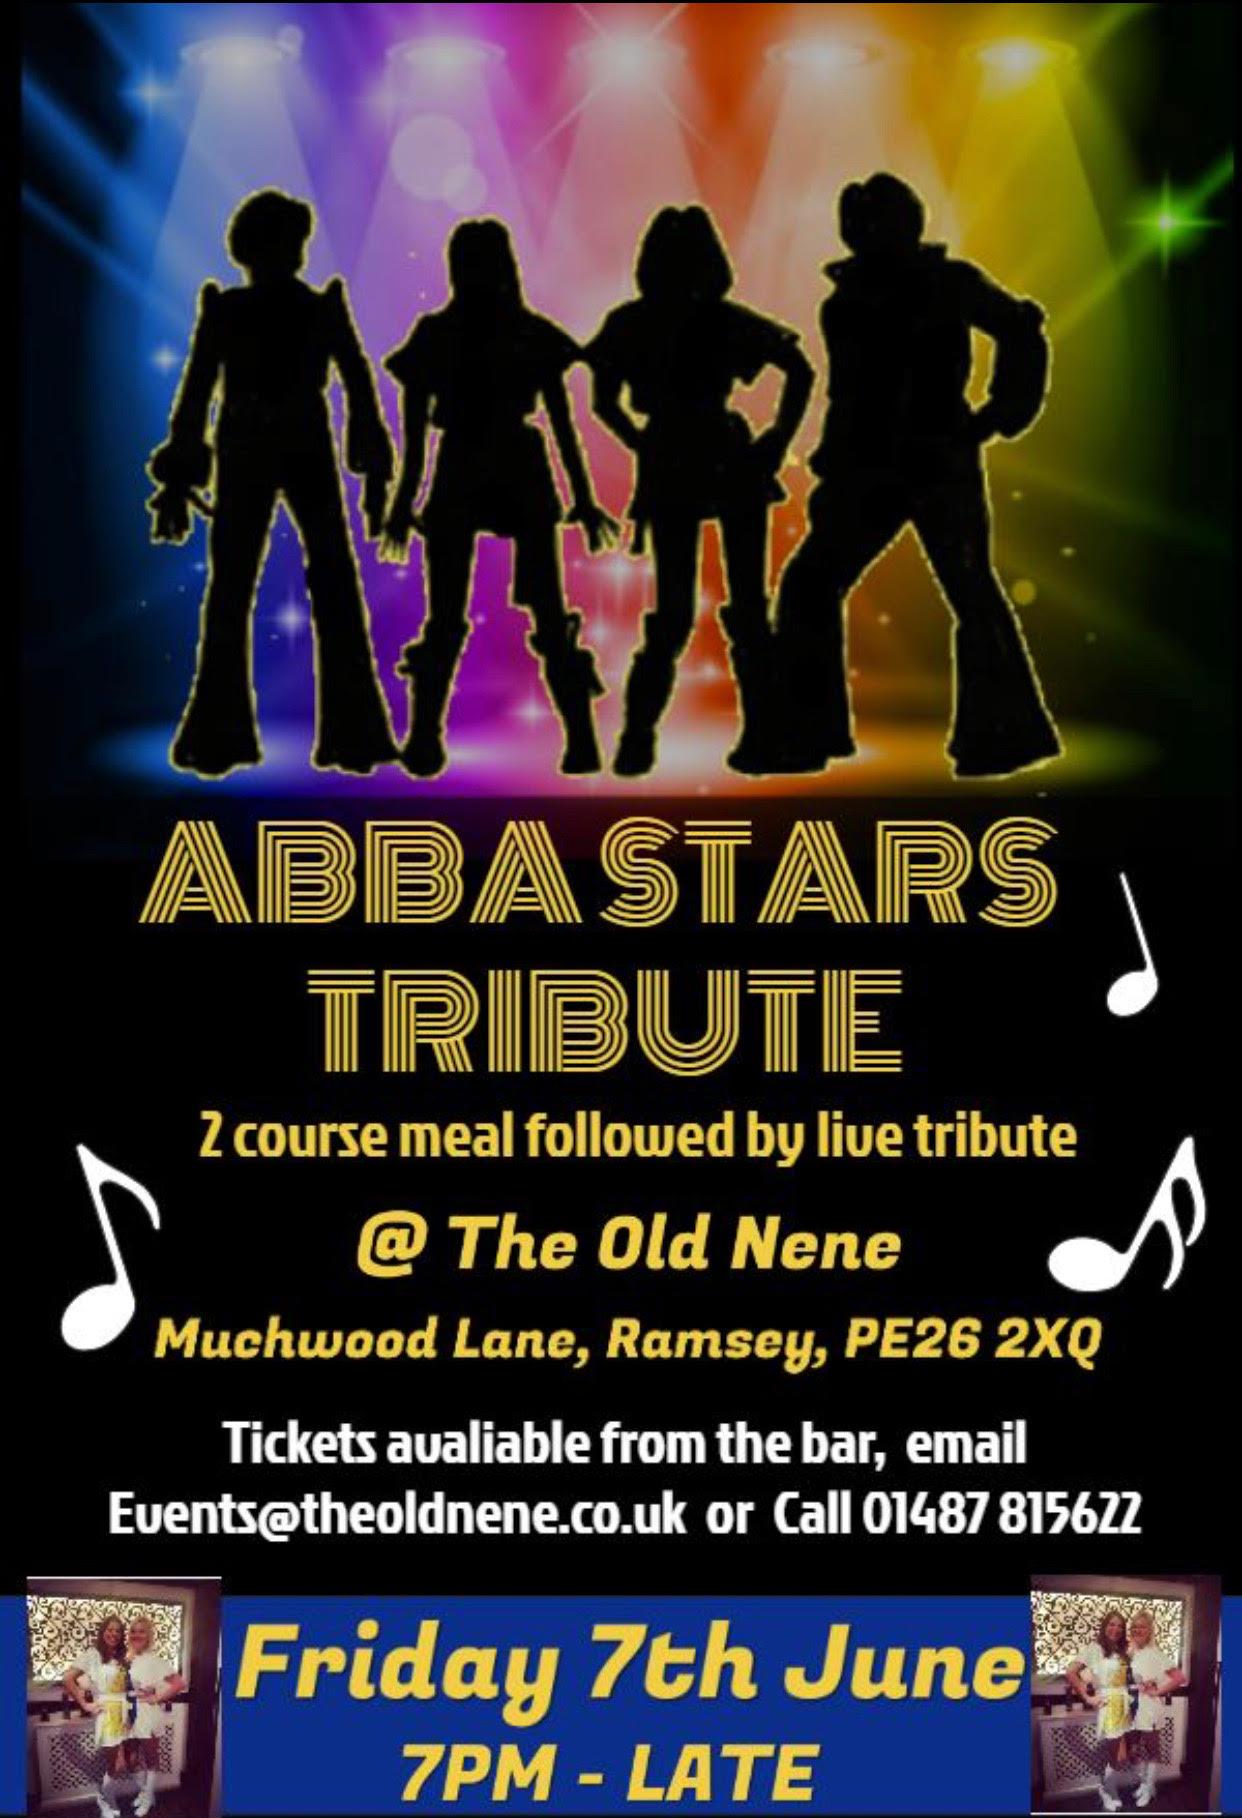 ABBA Stars Tribute Night